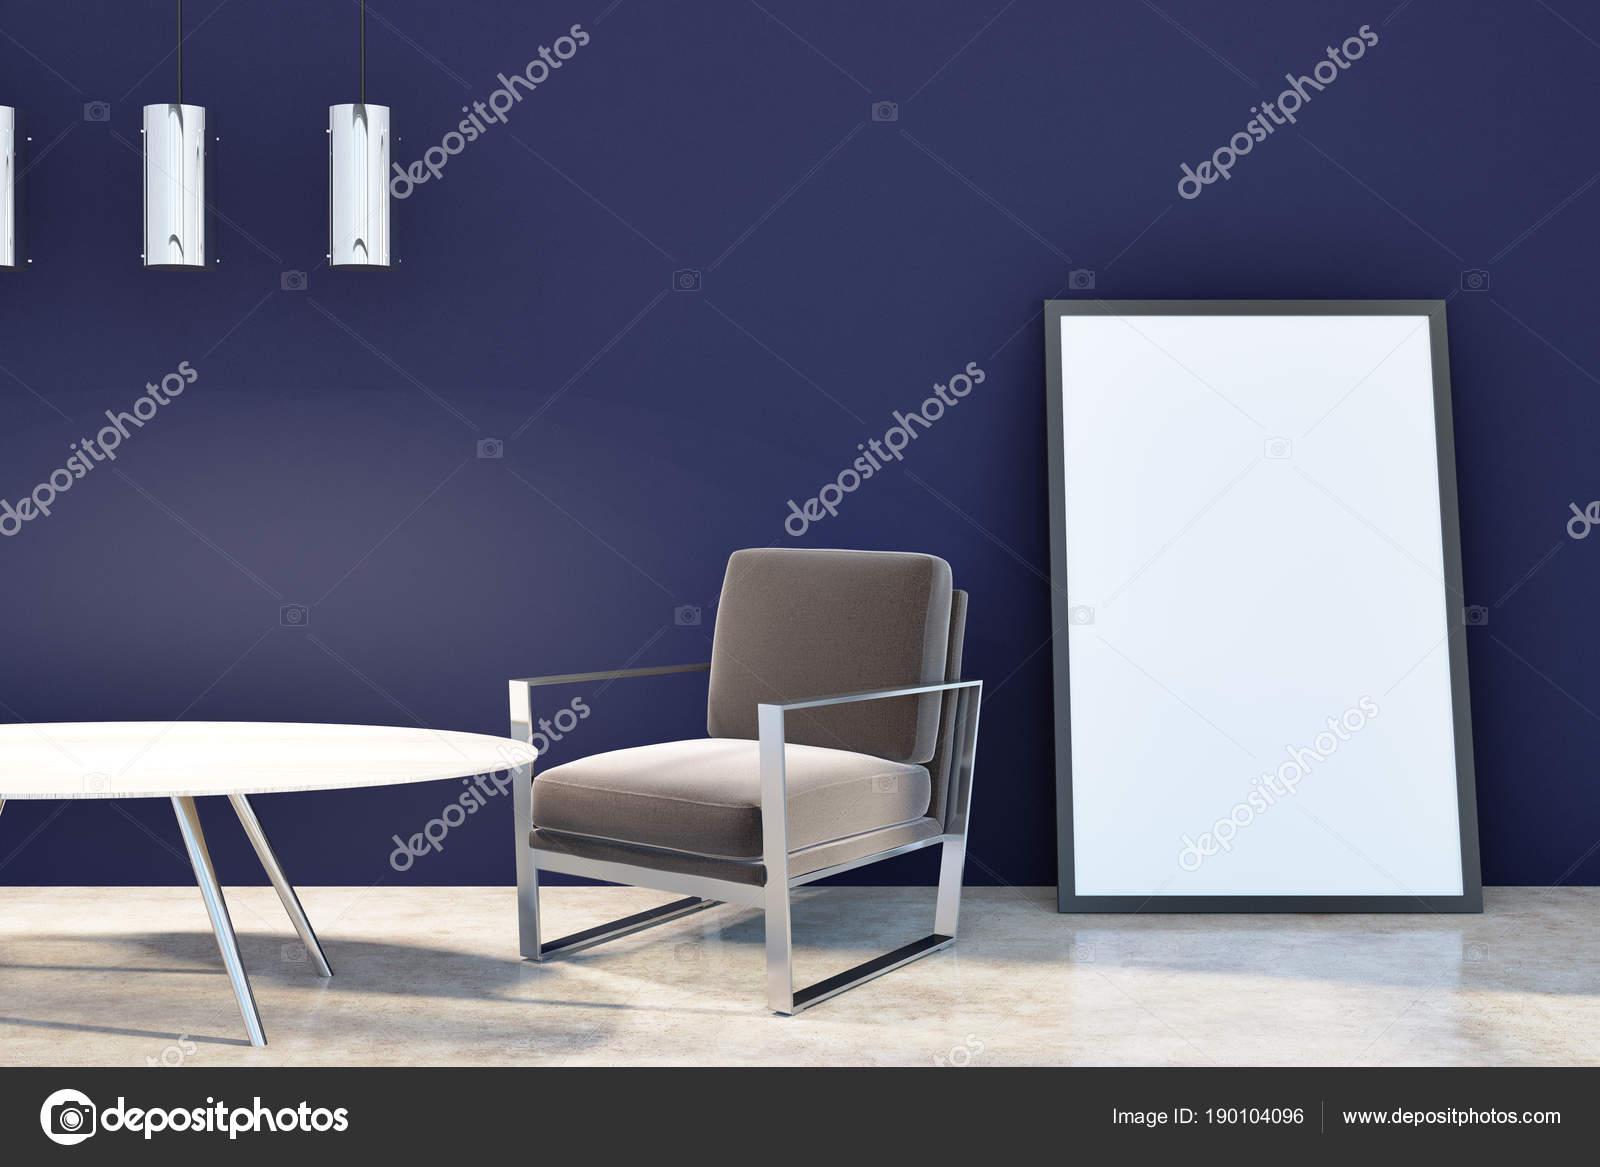 Hell Dunkel Blauen Wohnzimmer Mit Poster Stockfoto